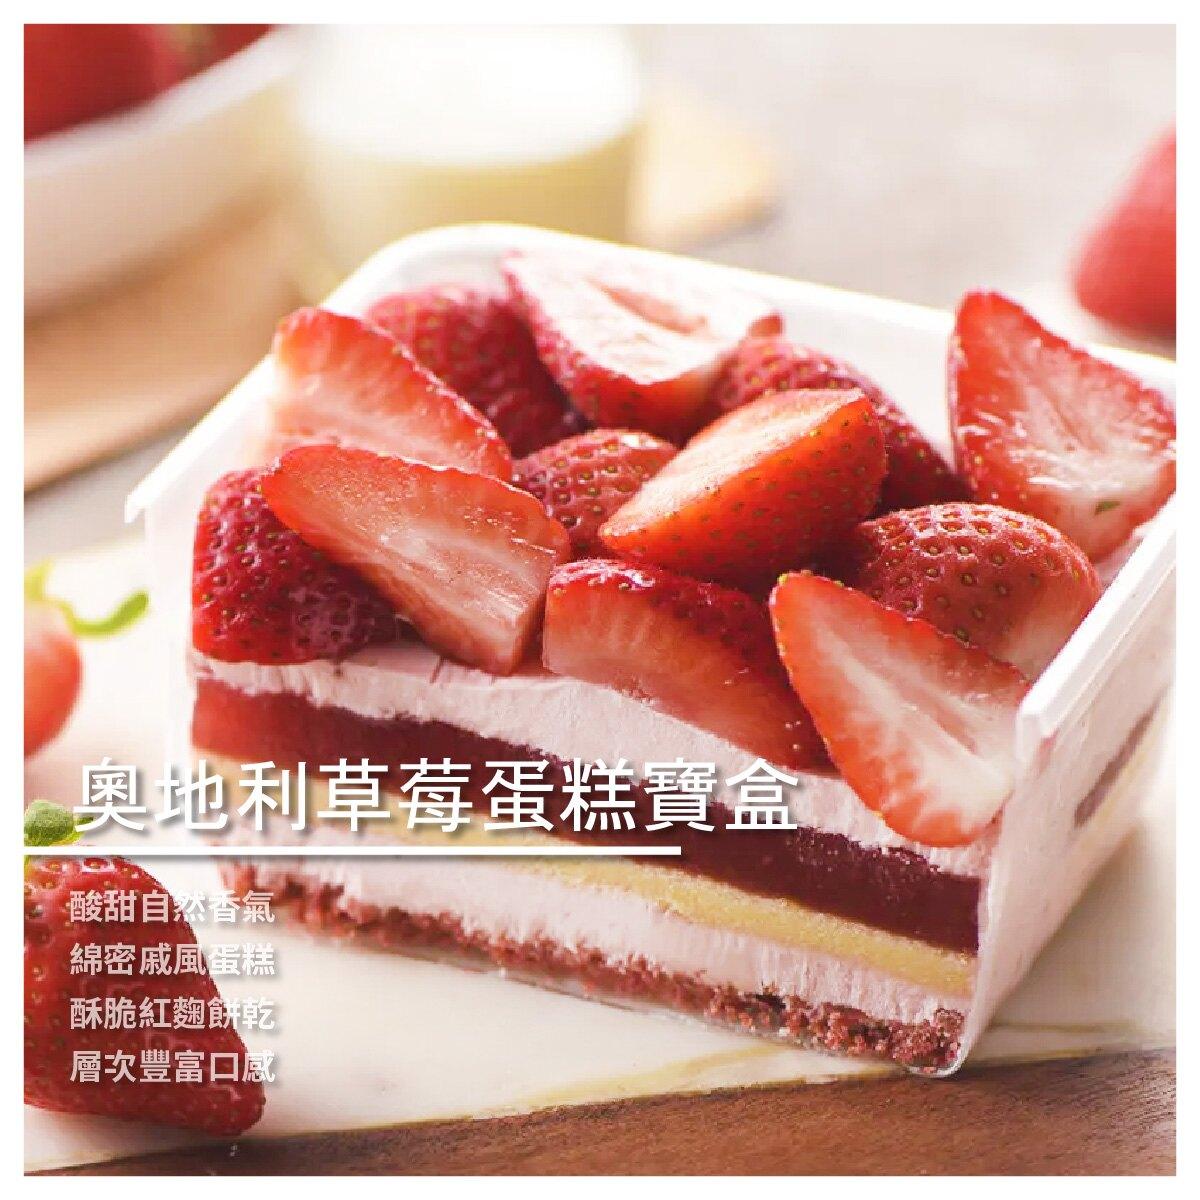 【栗卡朵洋菓子工坊】奧地利草莓蛋糕寶盒/650g